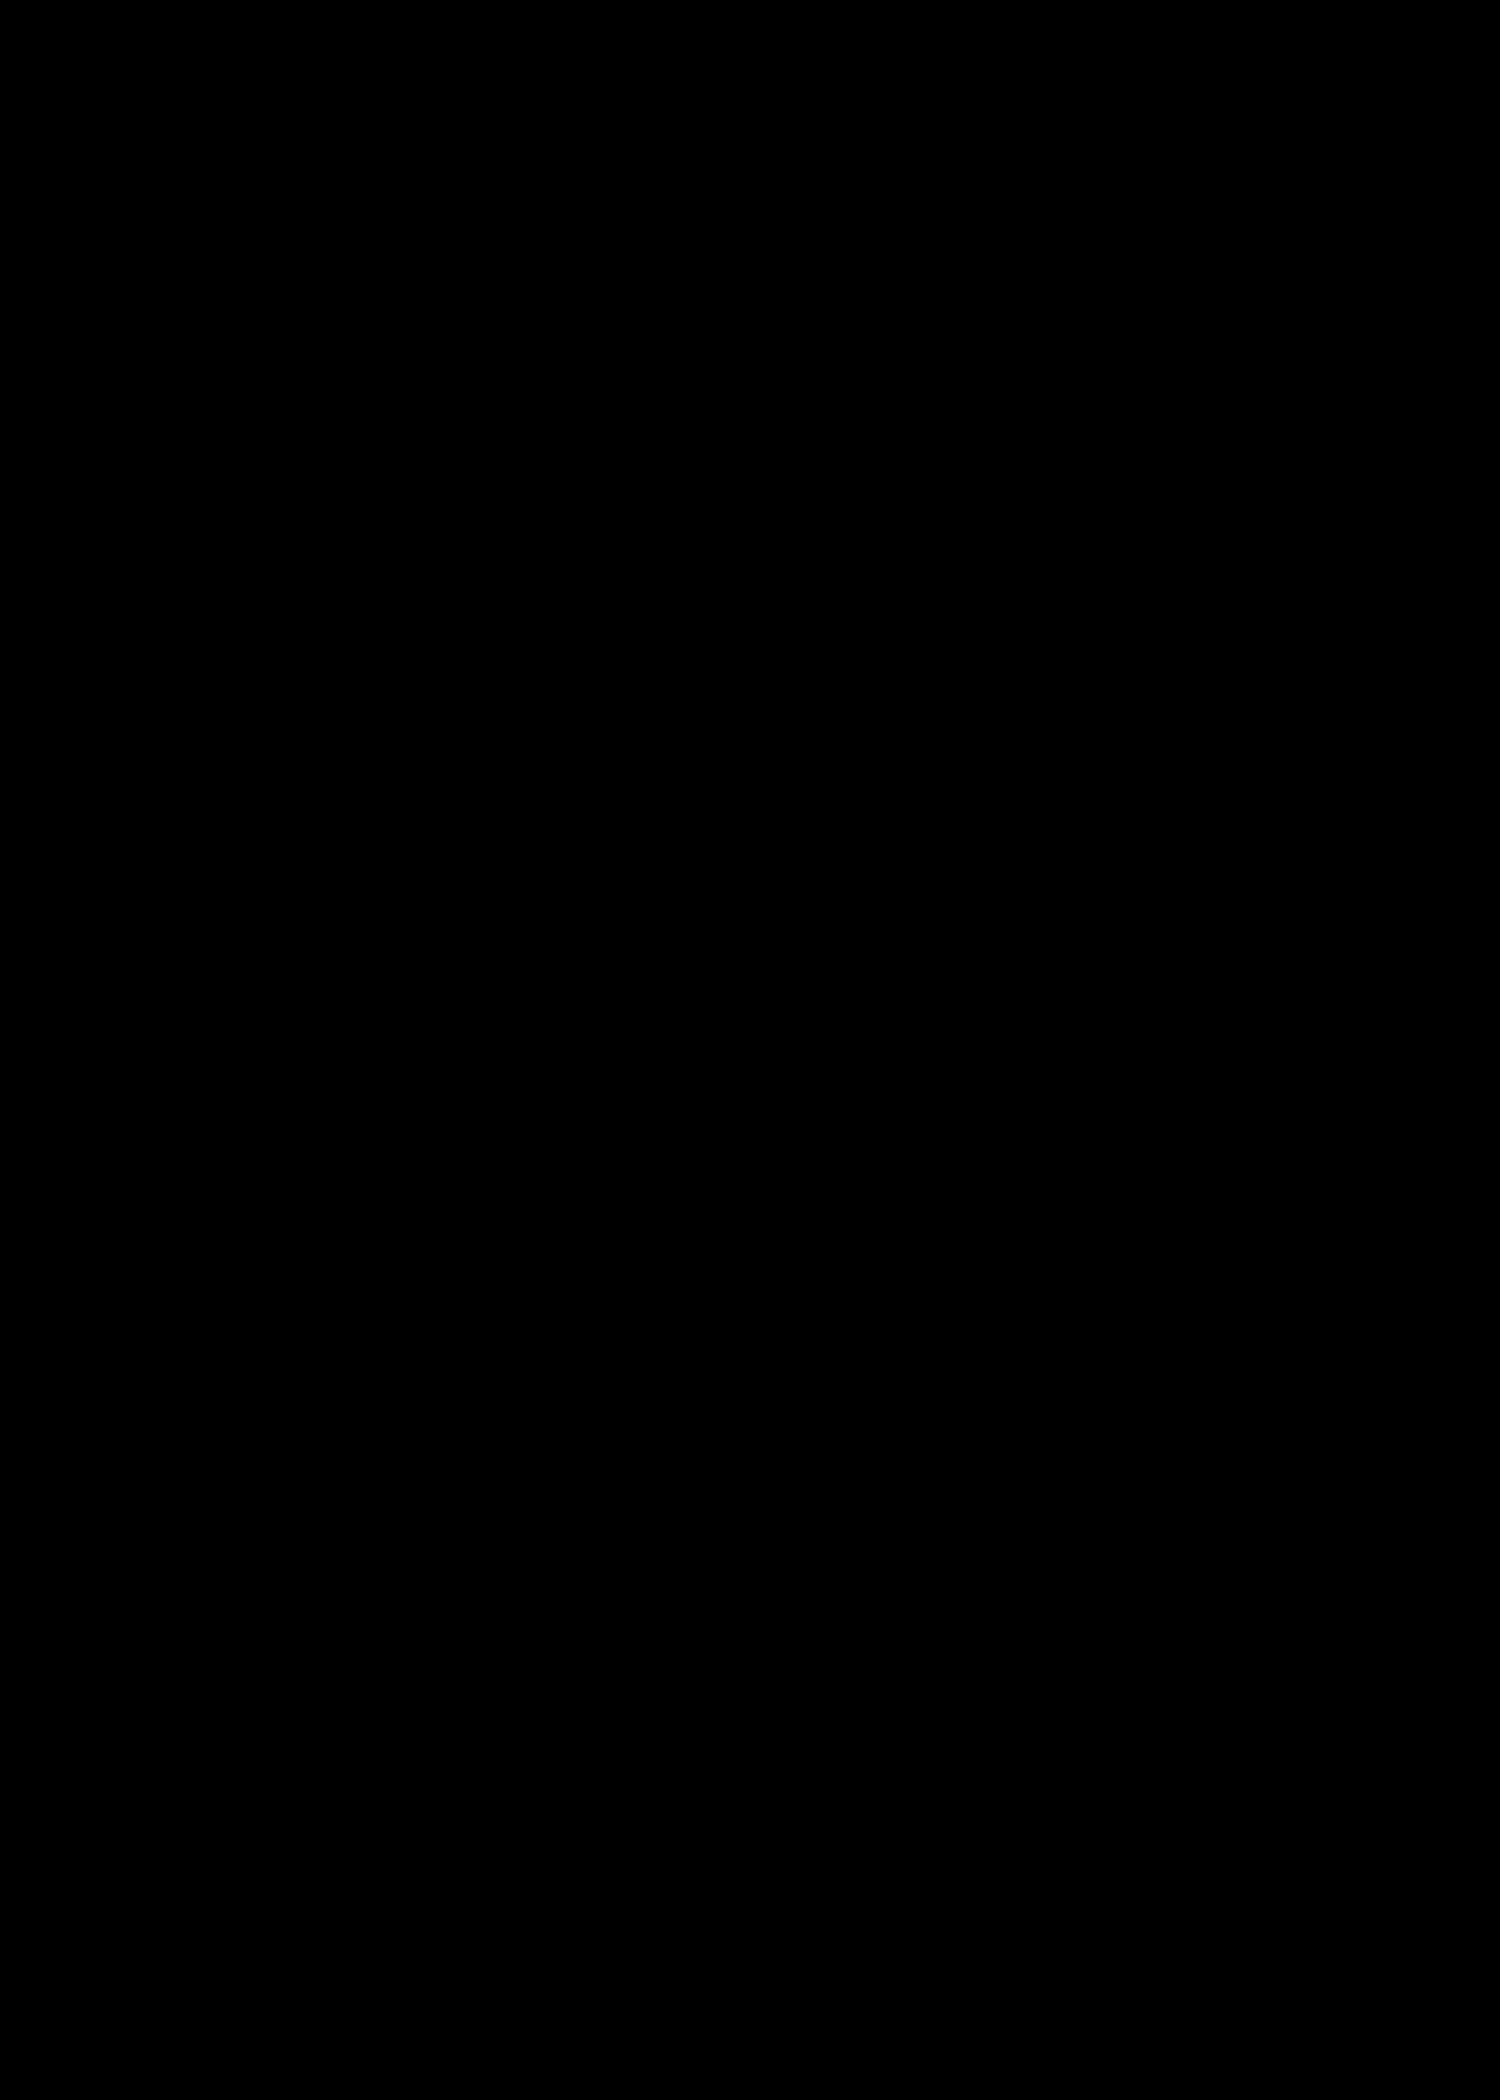 WU Black Logo png